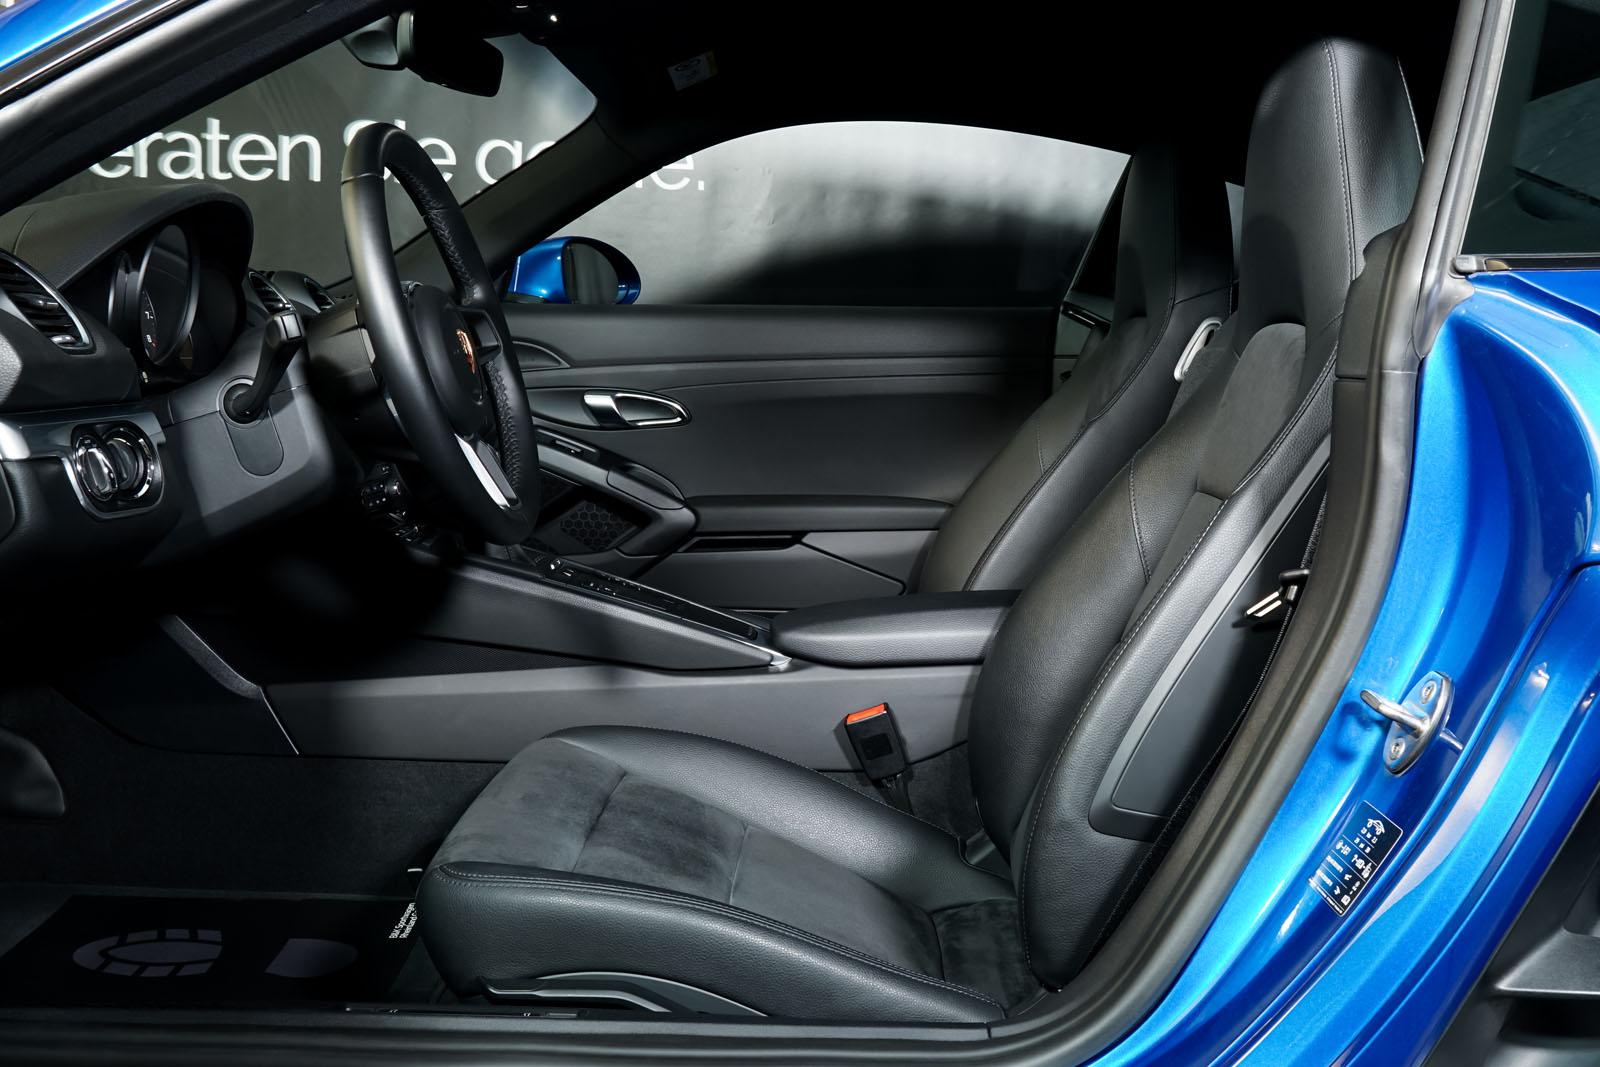 Porsche_Cayman_Blau_Schwarz_POR-0613_7_w